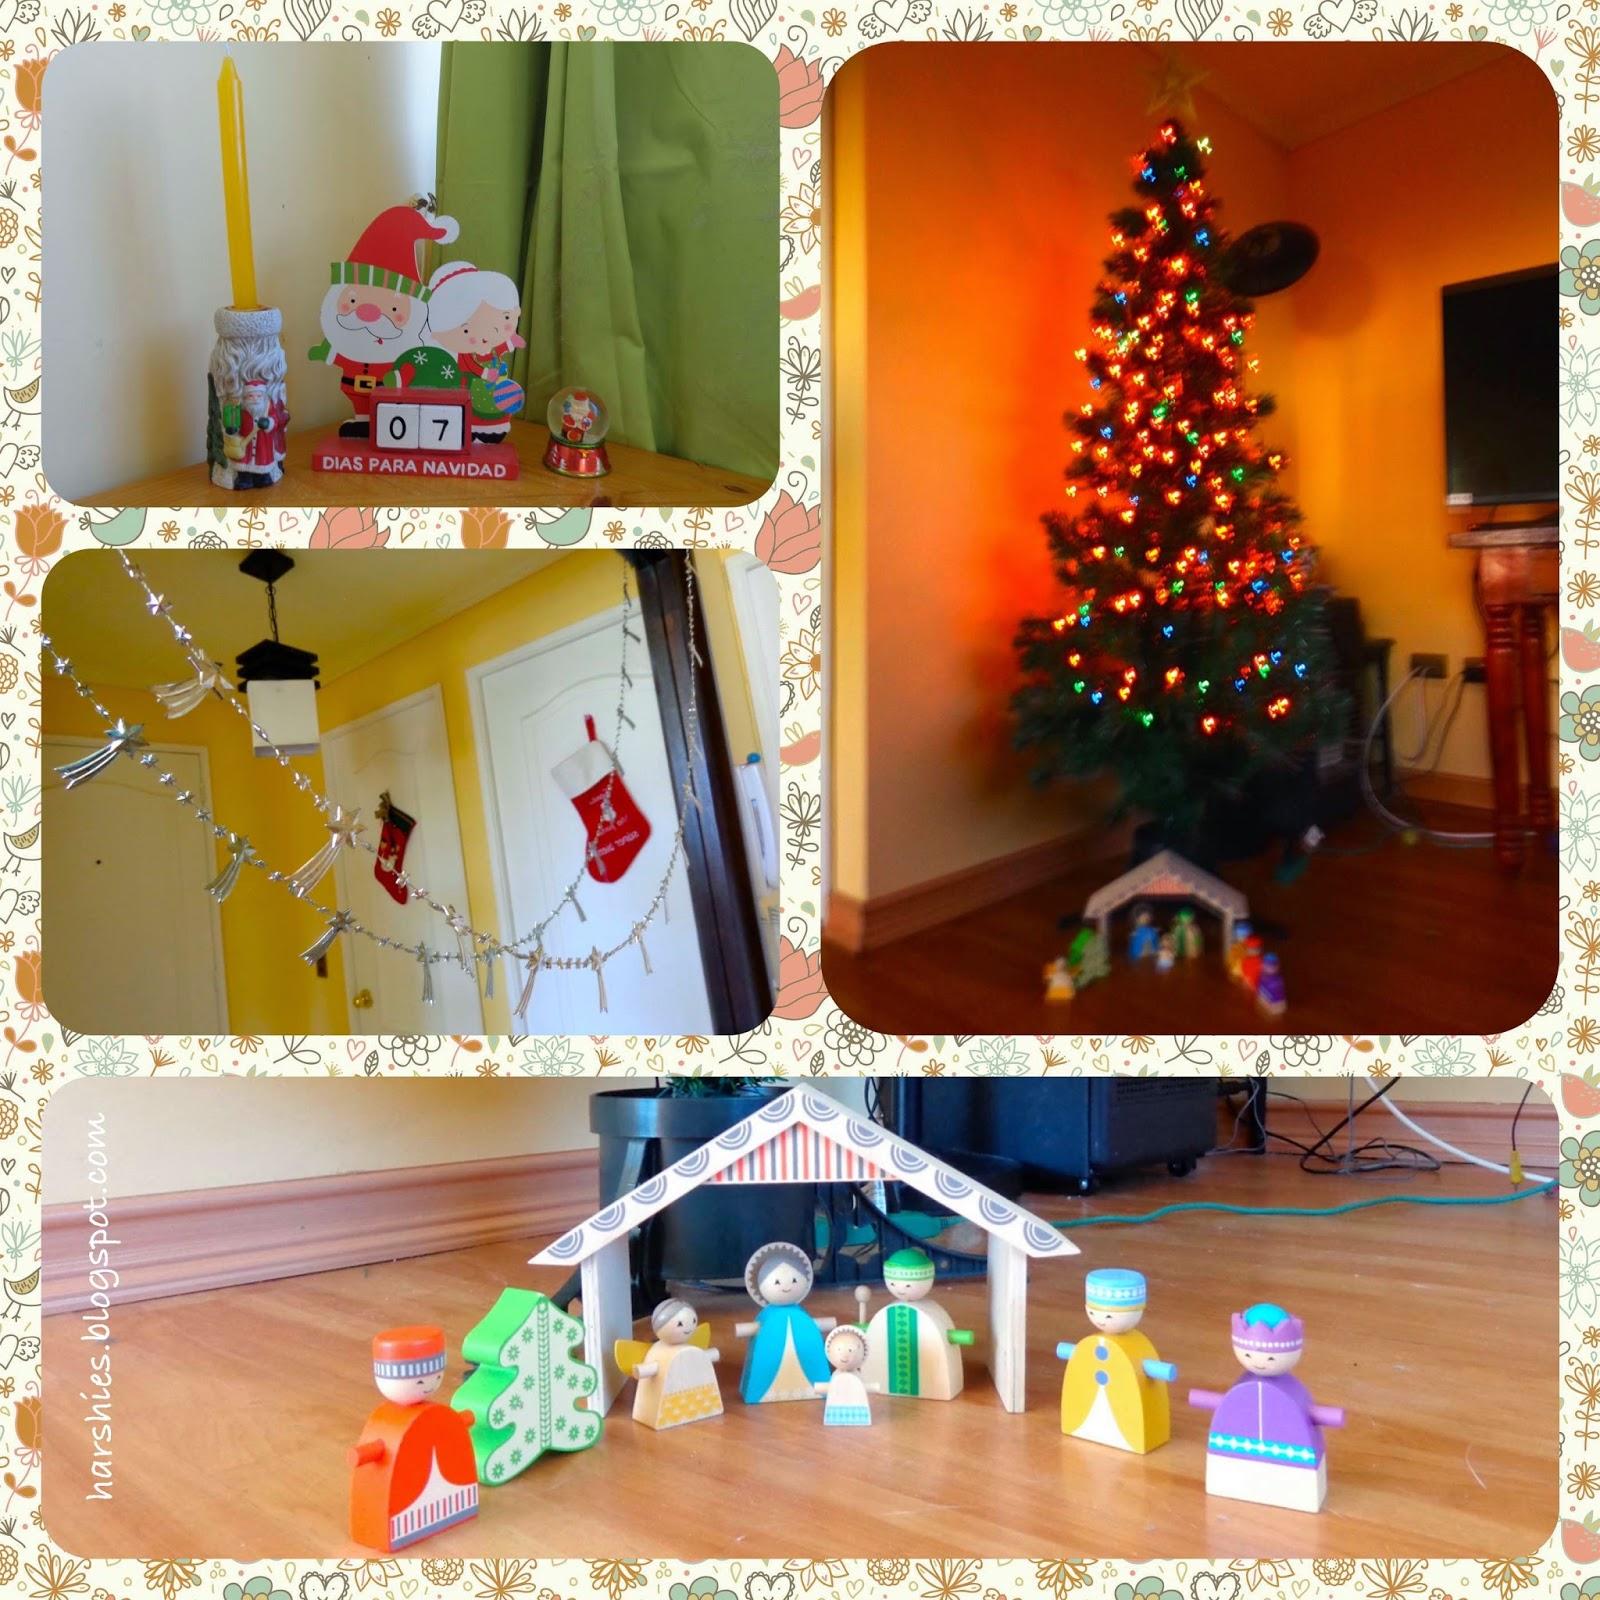 El mundo seg n elizabetha instant neas de mi vida como - Como adornar la casa para navidad ...